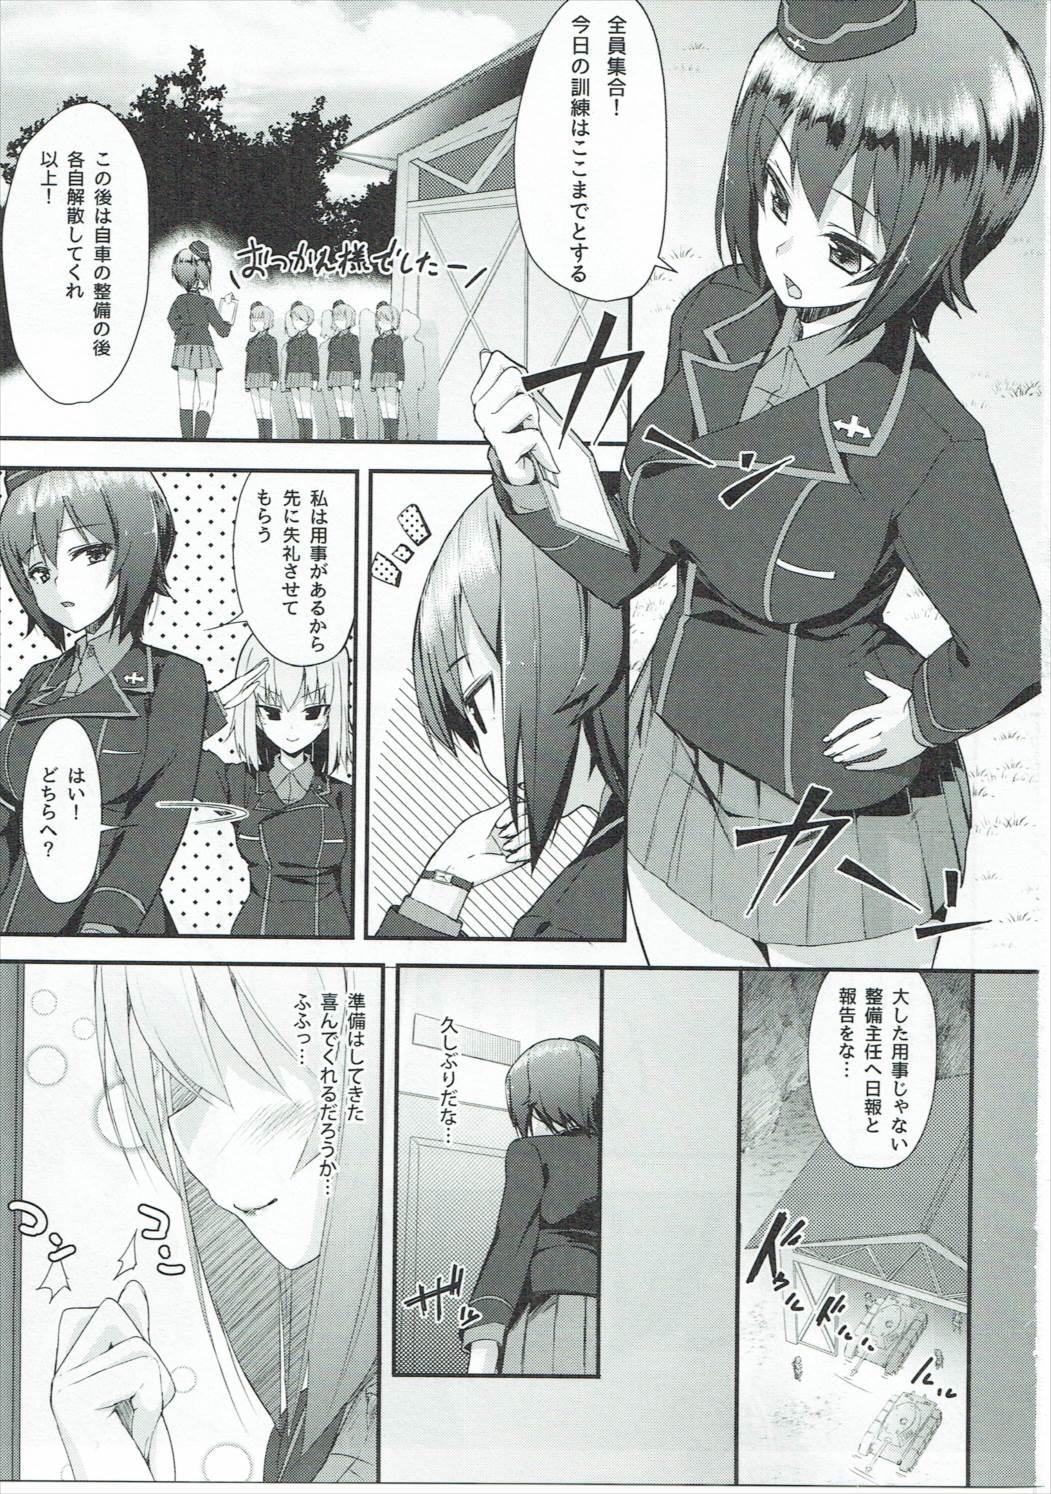 Maho-san ga Nakaiki no Yosa ni Mezameru Hon 1